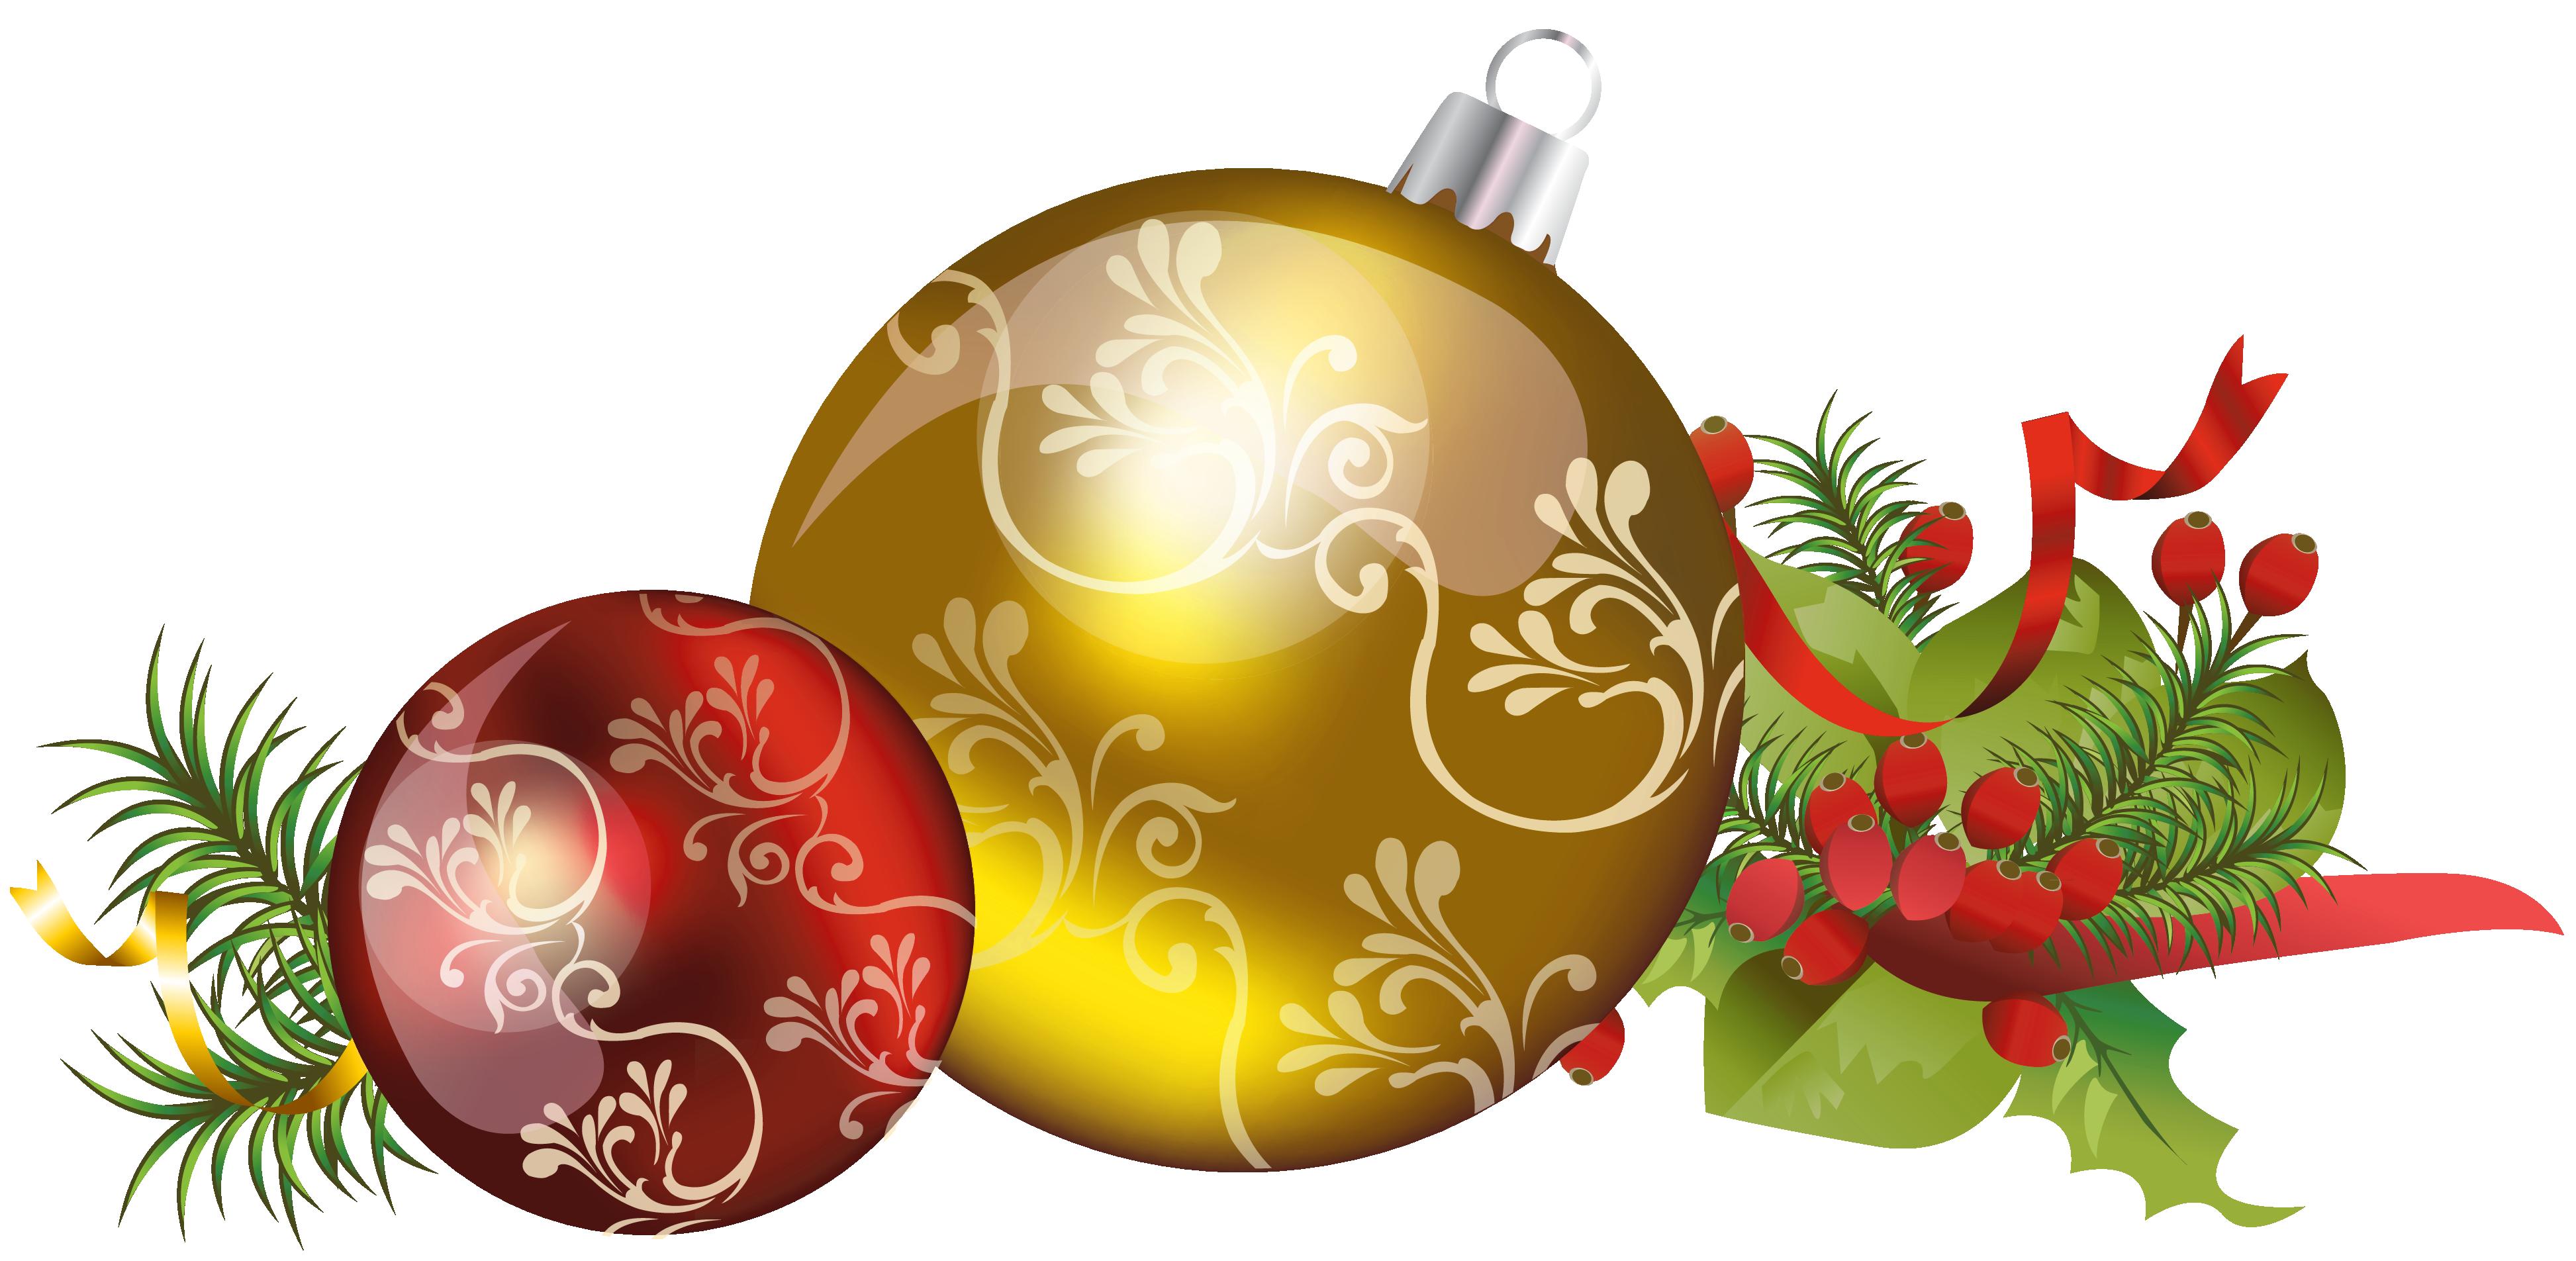 christmas-ball-png-image